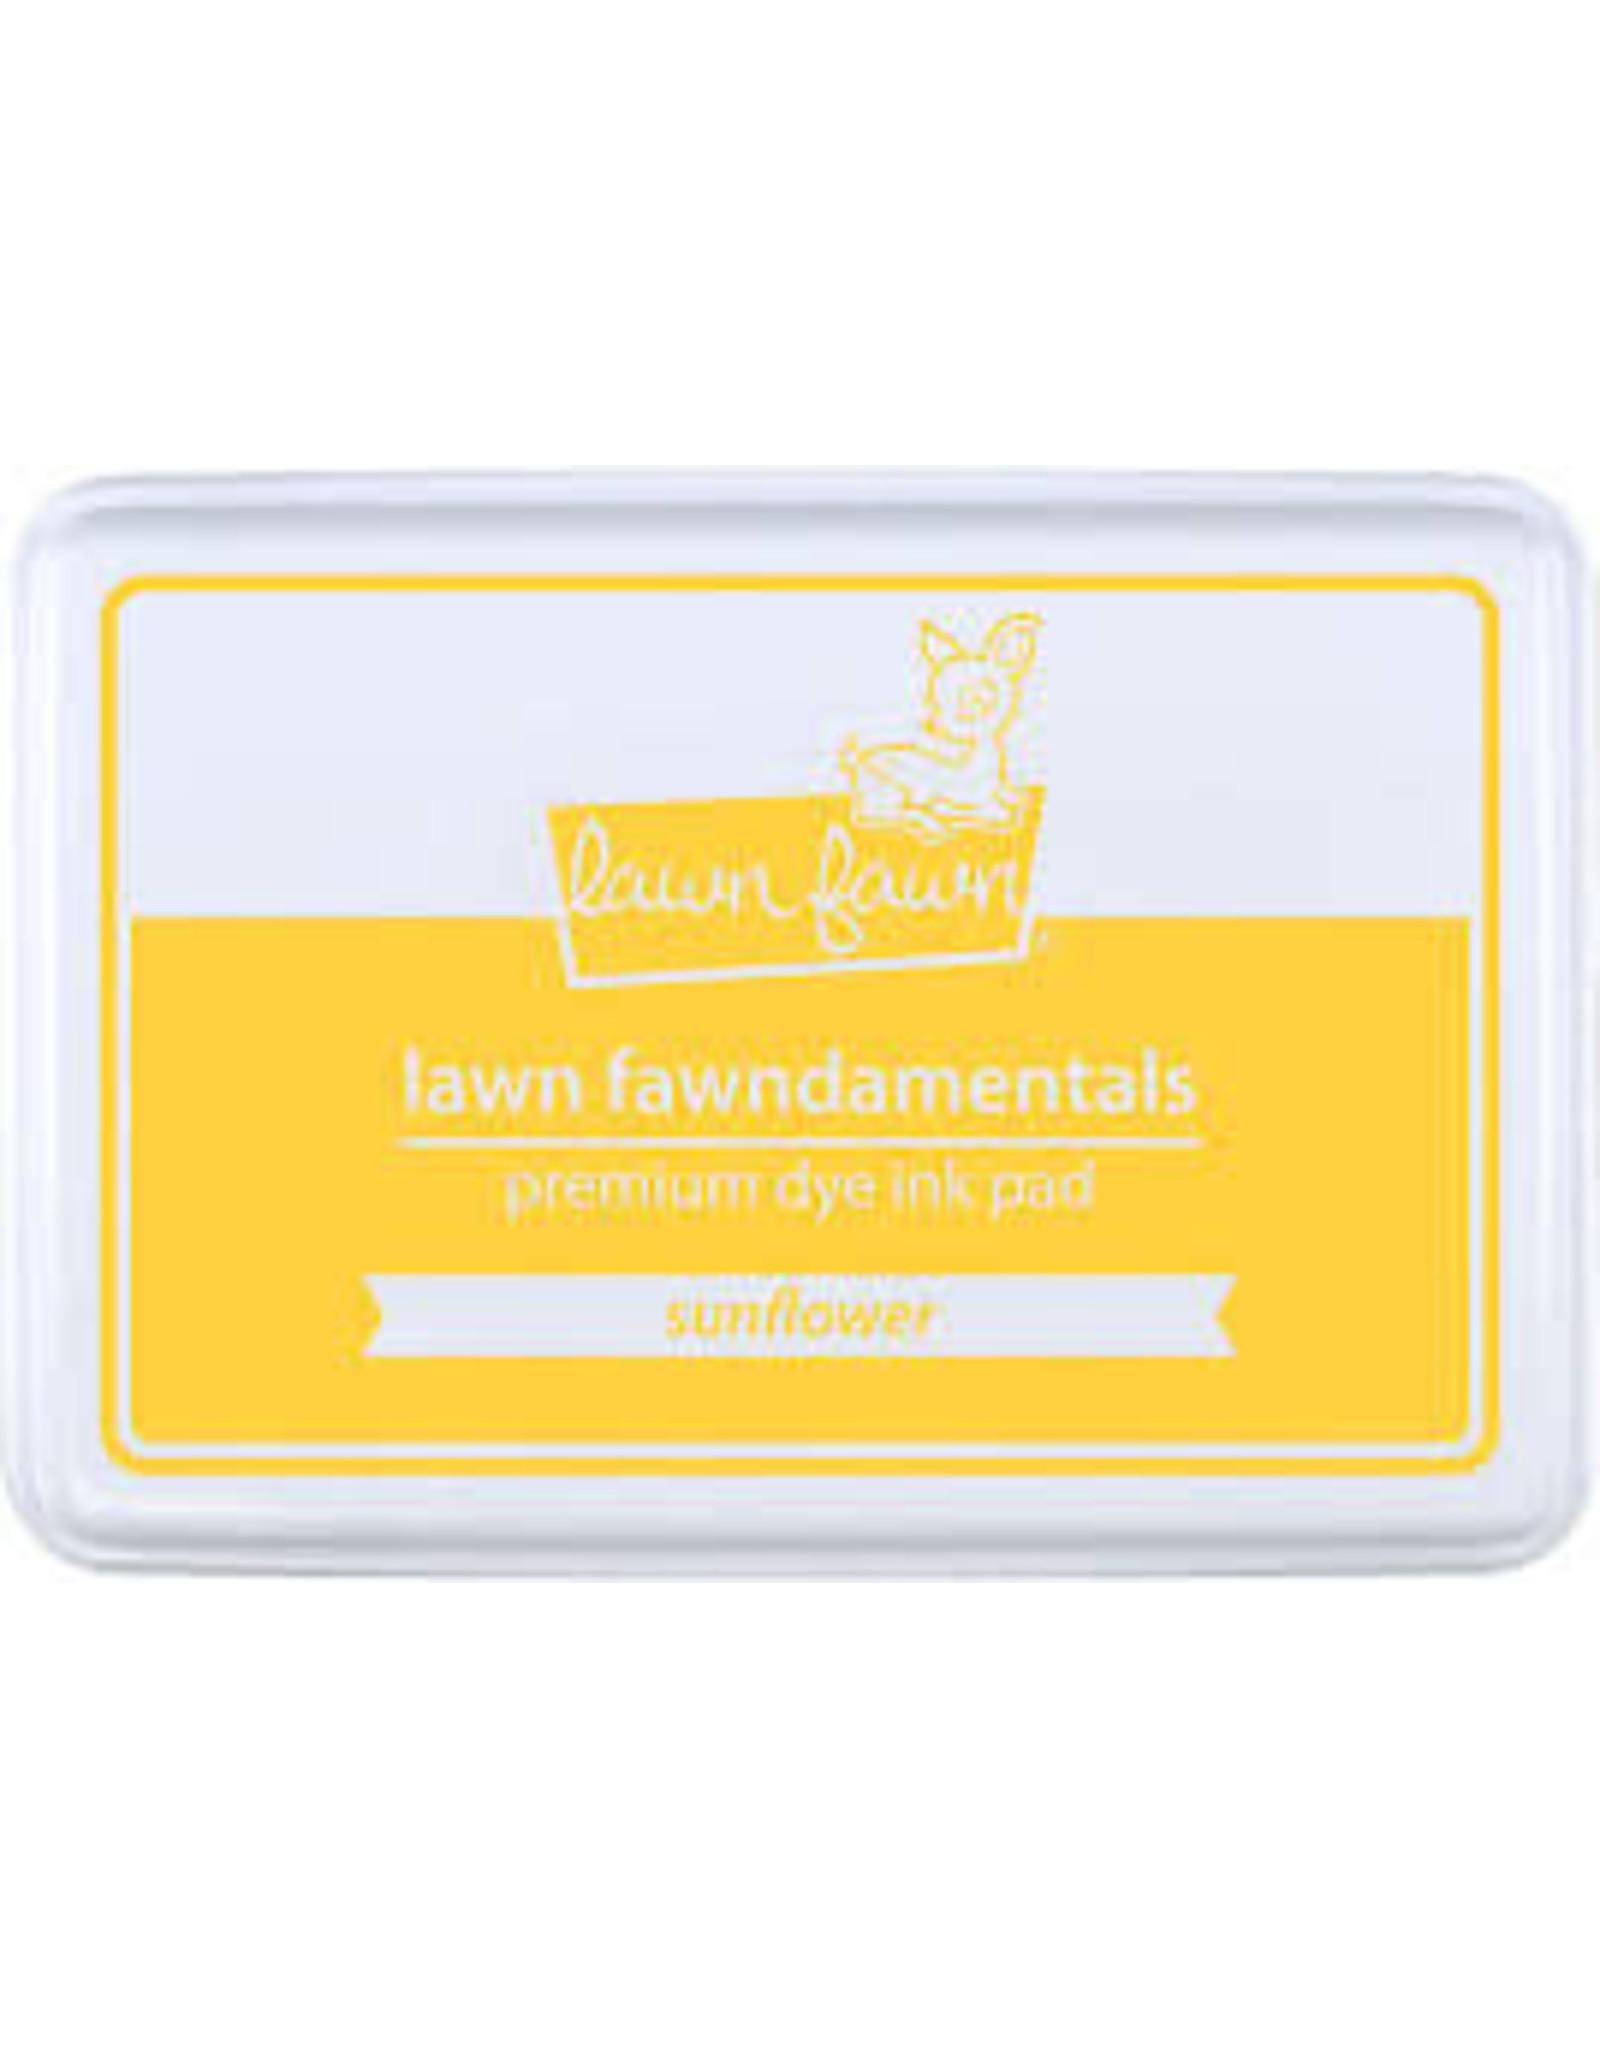 Lawn Fawn Lawn Fawndamentals Dye Ink Pad - Sunflower